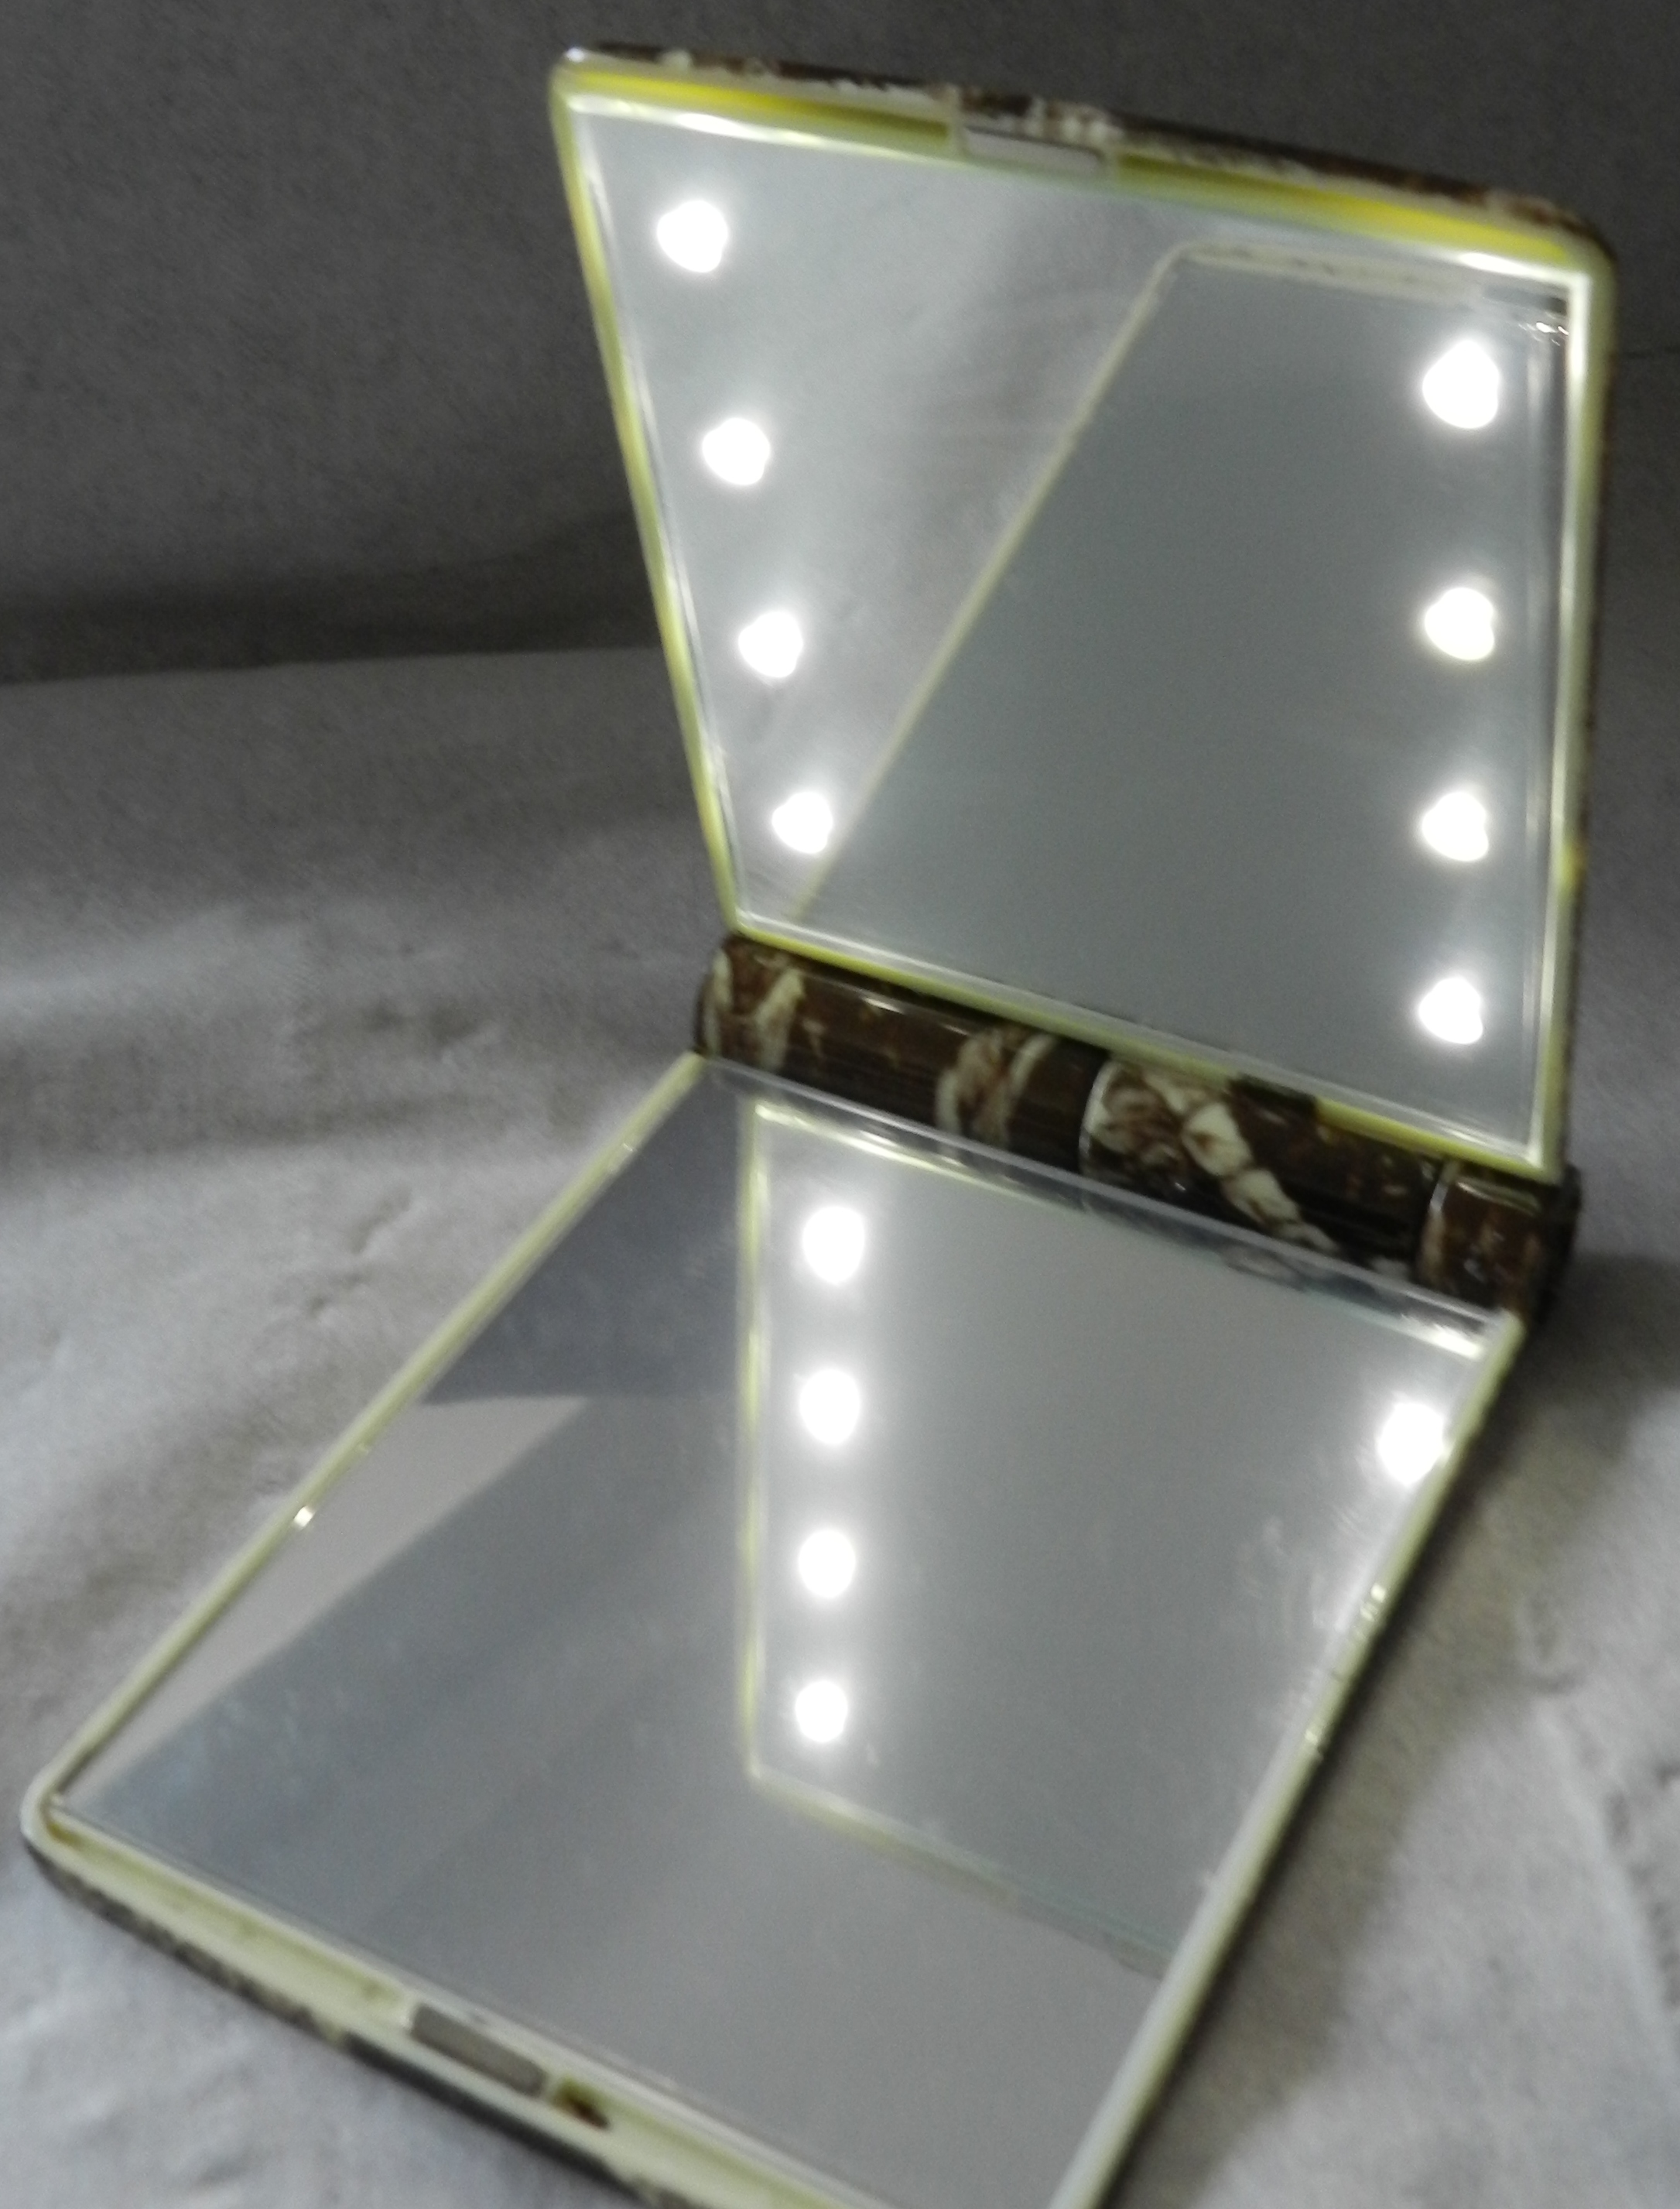 Model Mirror Madame Gourmand Lifestylemadame Gourmand Lifestyle